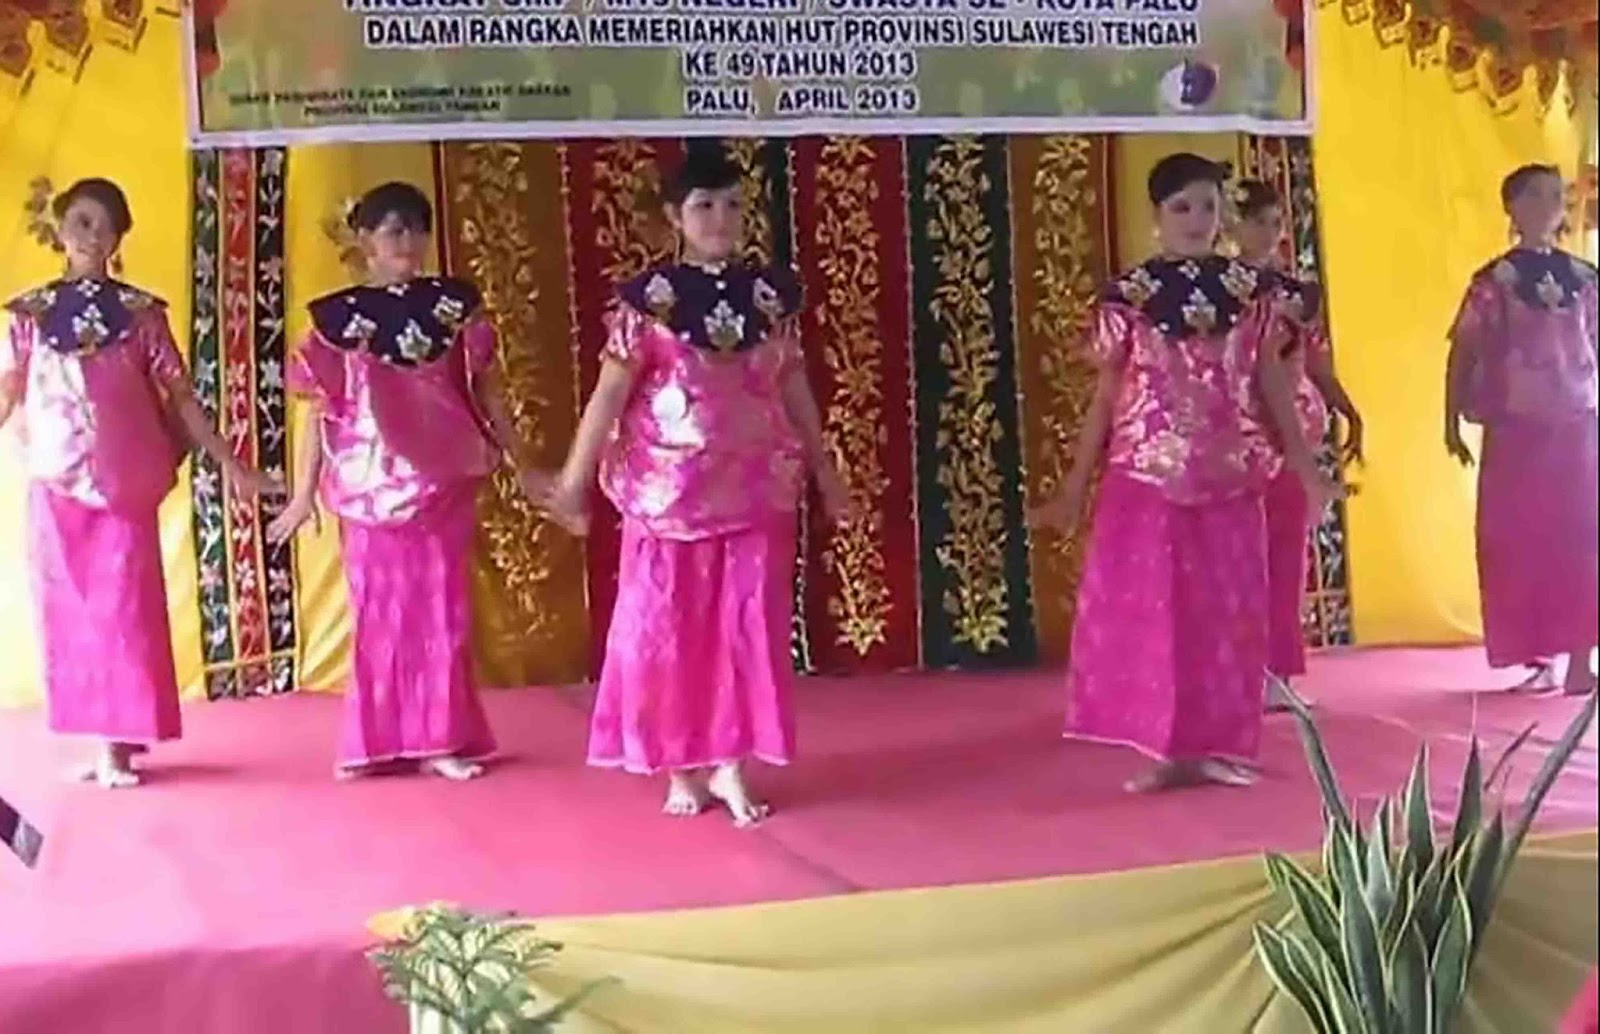 Tari Pontanu, Tarian Tradisional Dari Provinsi Sulawesi Tengah